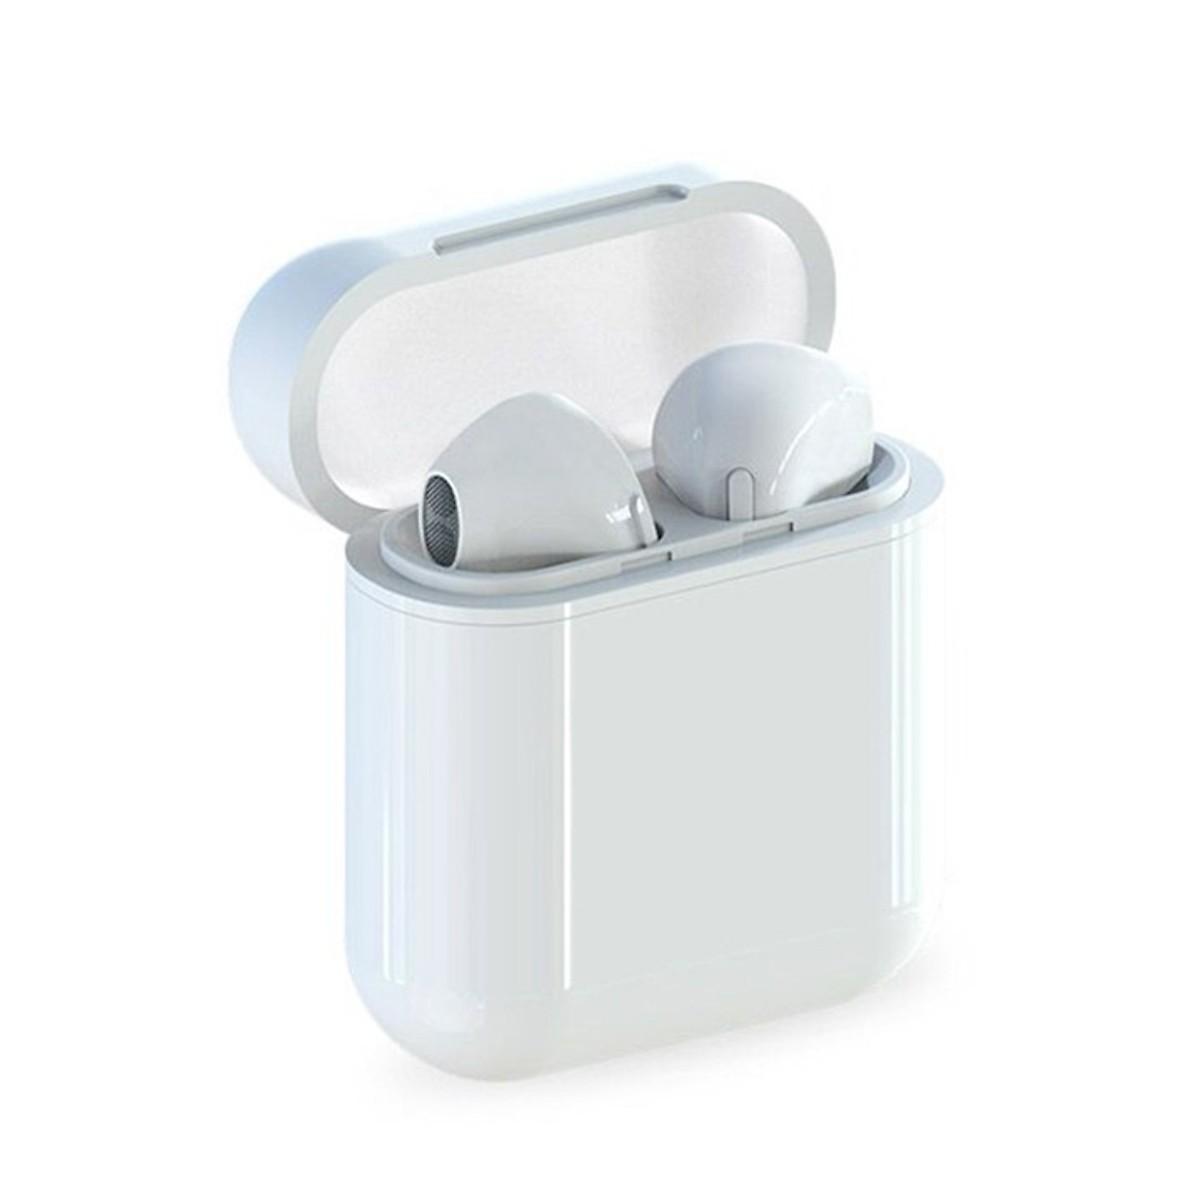 Tai Nghe Nhét Tai i7S - Tai Nghe Bluetooth Không Dây i7S - Hàng Nhập Khẩu